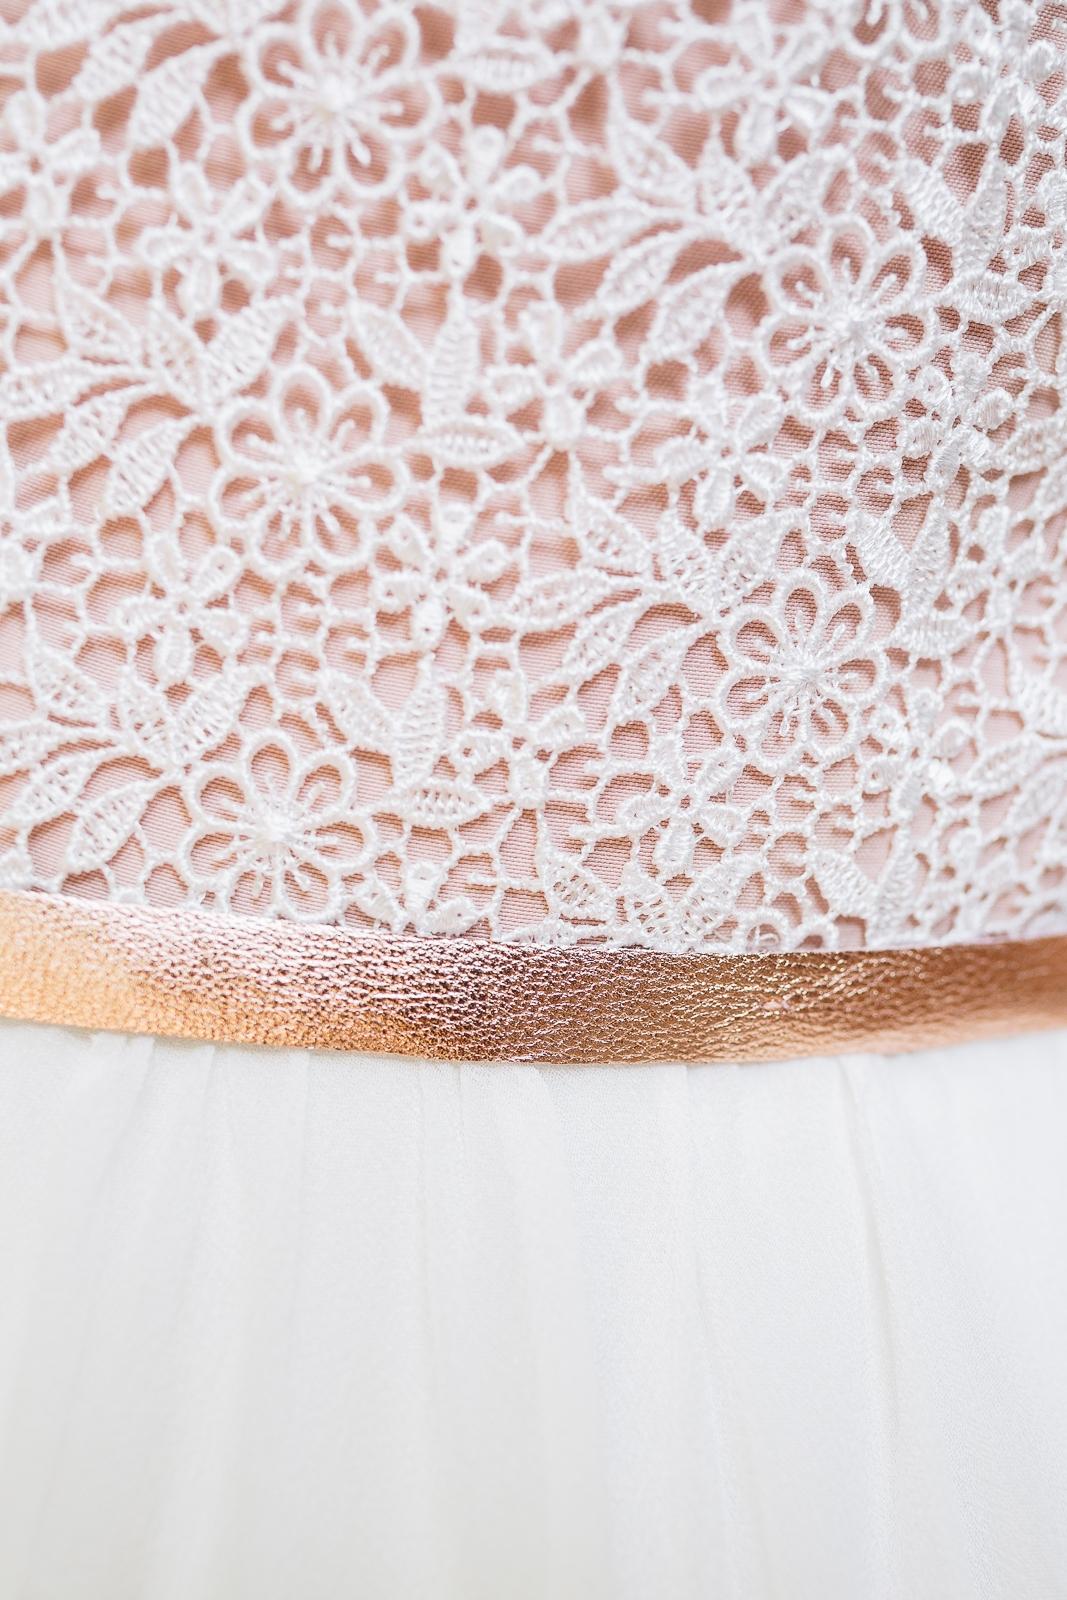 noni Brautkleider 2018 - jetzt entdecken! | Brautkleid mit Spitze und Illusion Top (Foto: Le Hai Linh)